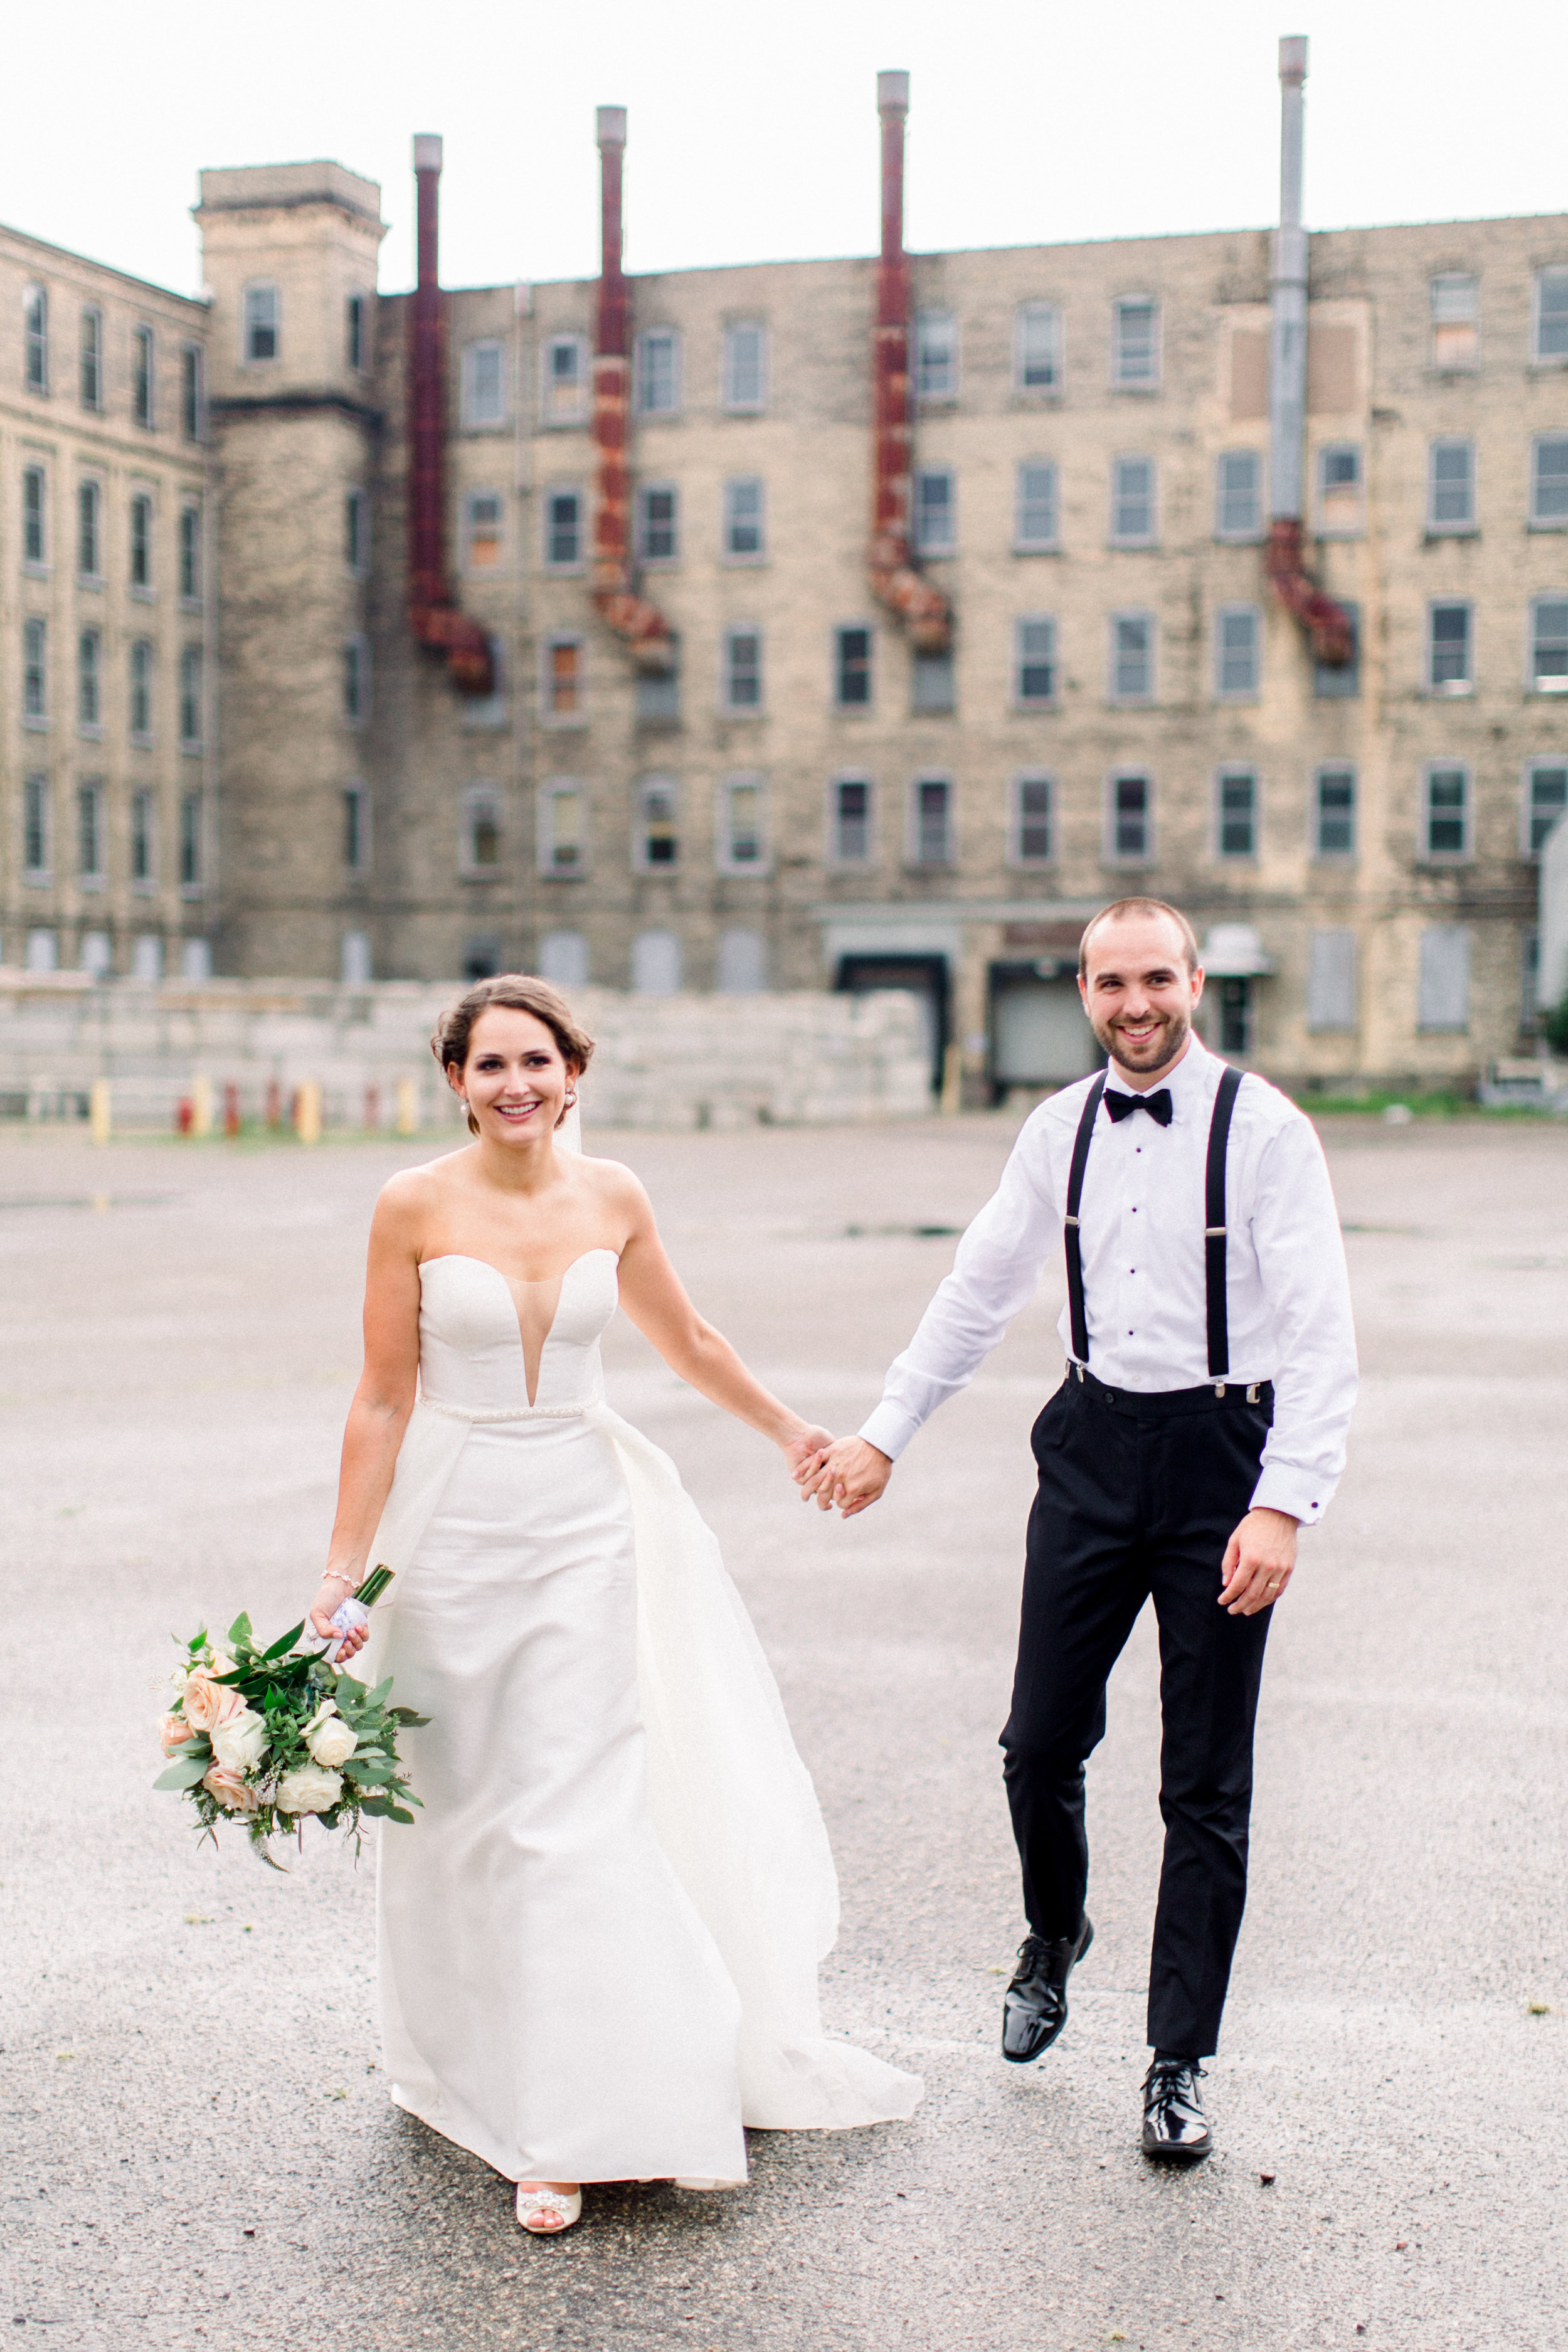 Steiner+Wedding+Bride+Groom+Reception-16.jpg